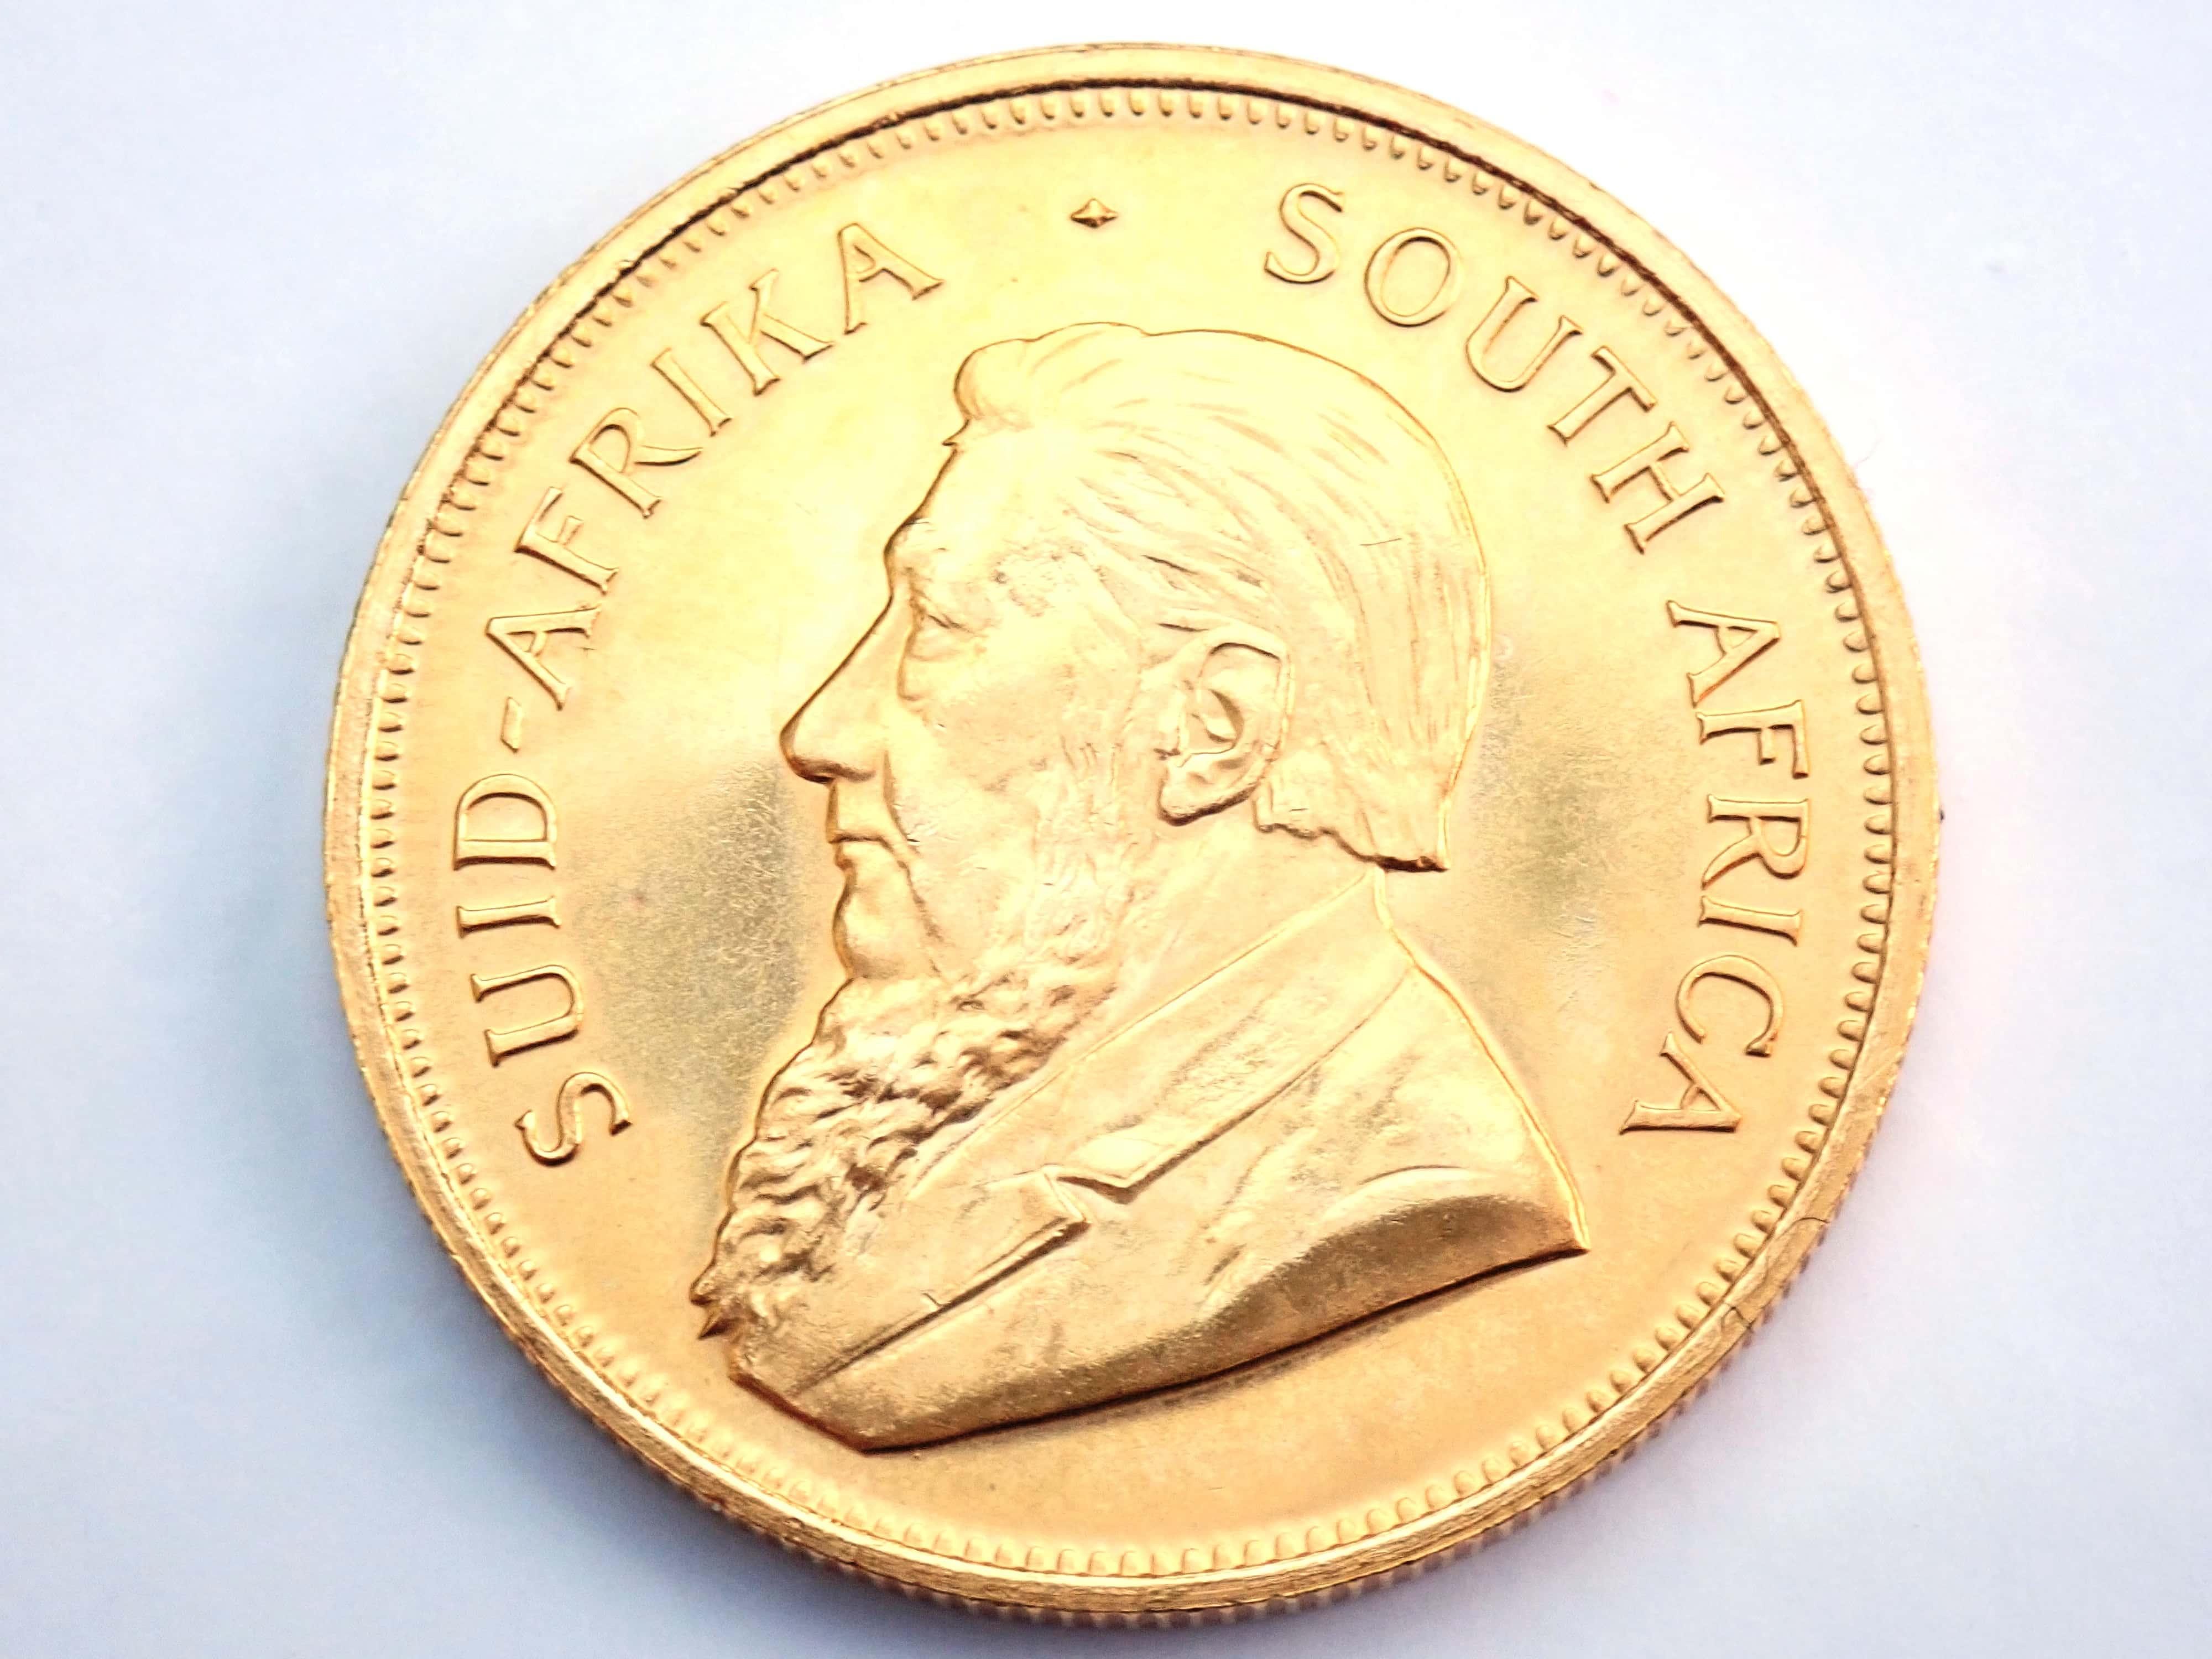 AA000801 1 - 1981 Gold 999.9 1oz South Africa Krugerrand Bullion Coin #0051